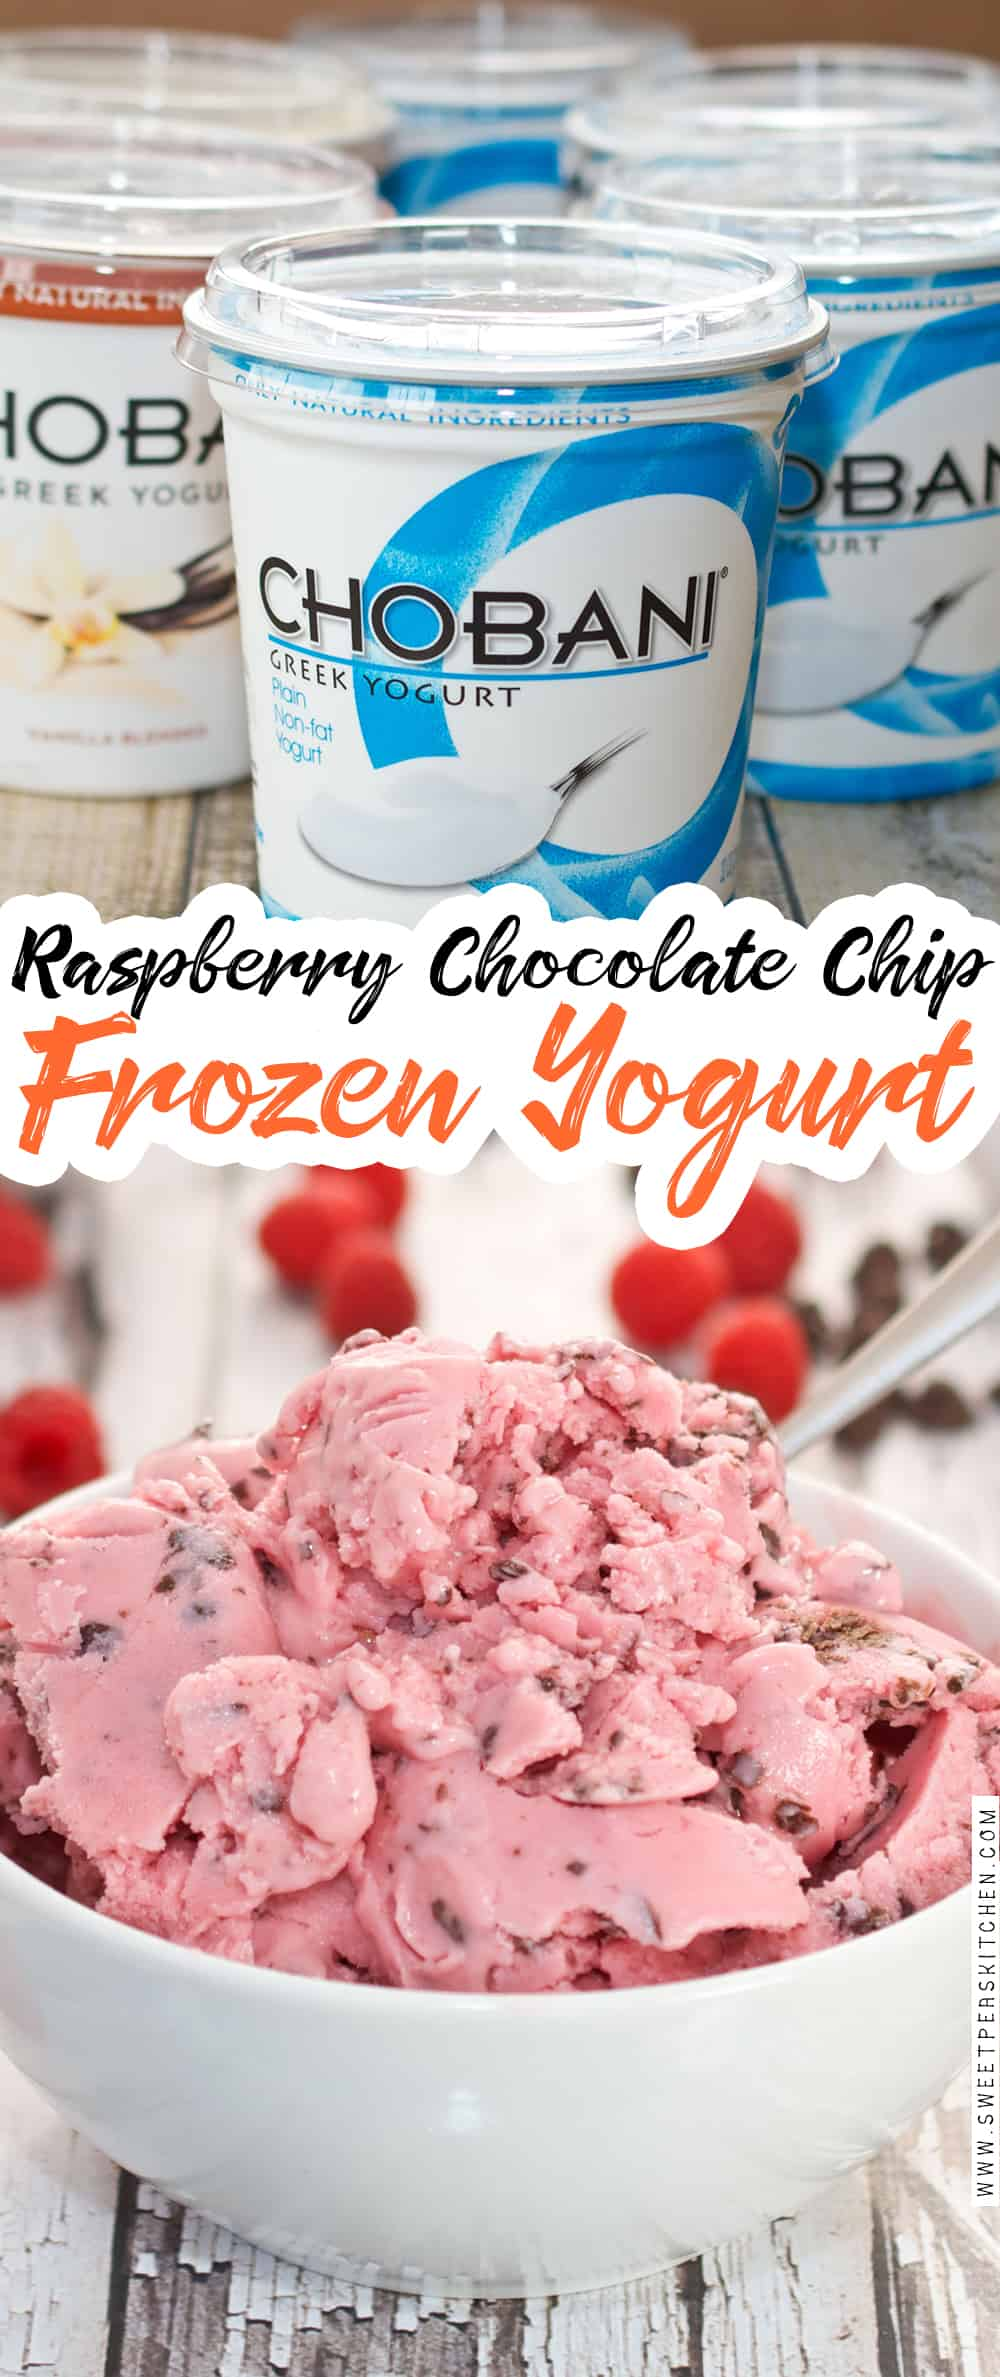 Raspberry Chocolate Chip Frozen Yogurt